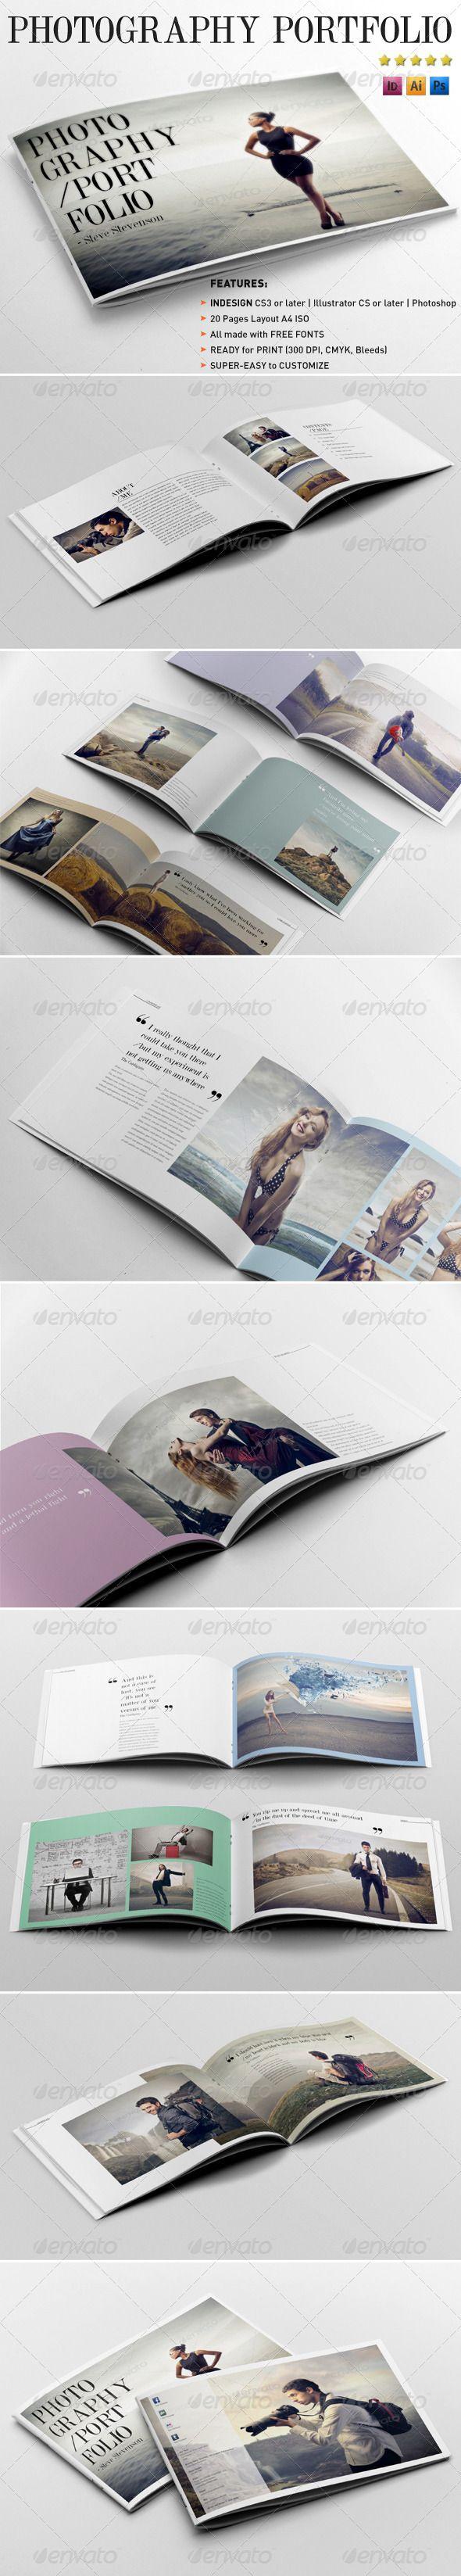 Utiliser une couleur de fond, faire bleeder les photos au centre, mise en page dynamique | Photography Portfolio Grid